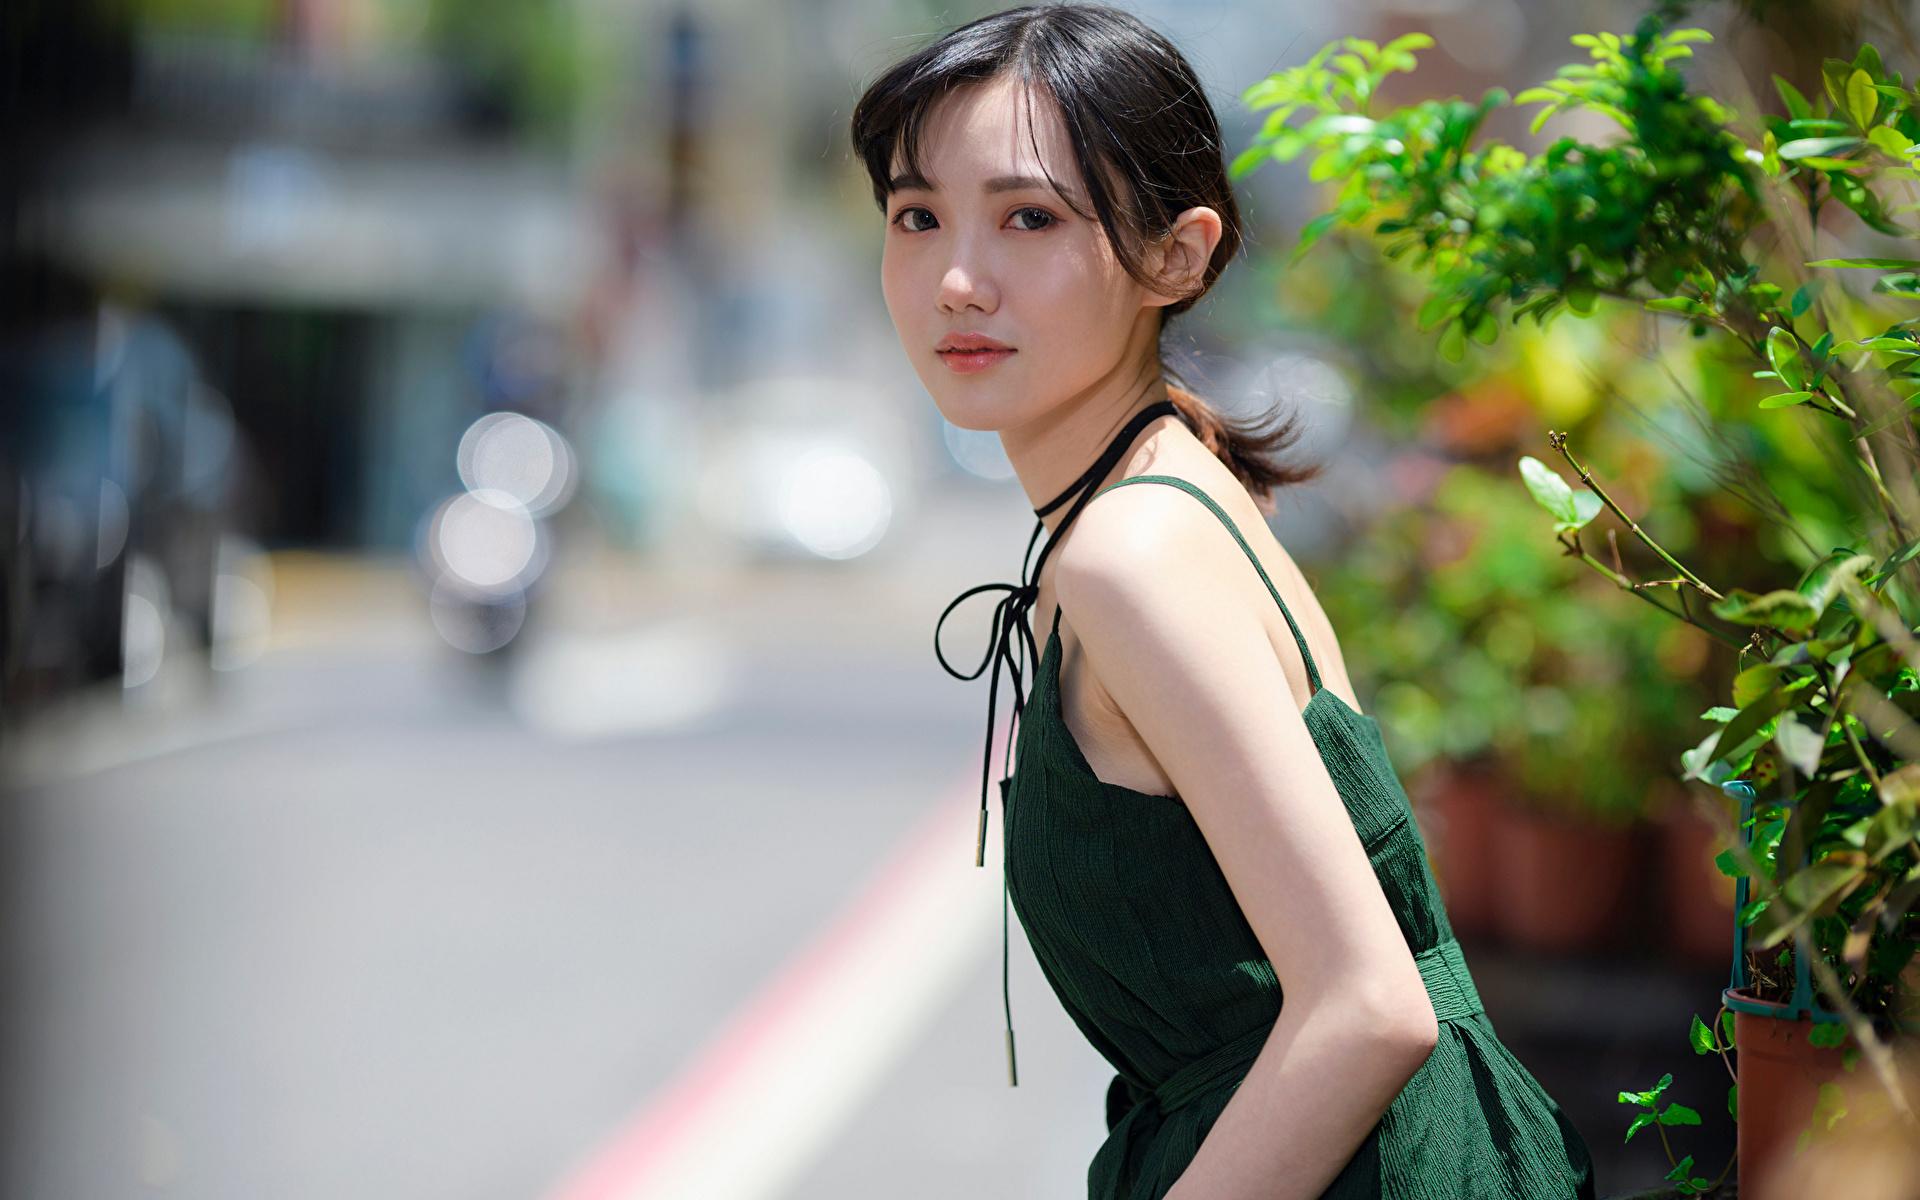 Desktop Hintergrundbilder unscharfer Hintergrund junge frau Asiaten Blick Kleid 1920x1200 Bokeh Mädchens junge Frauen Asiatische asiatisches Starren